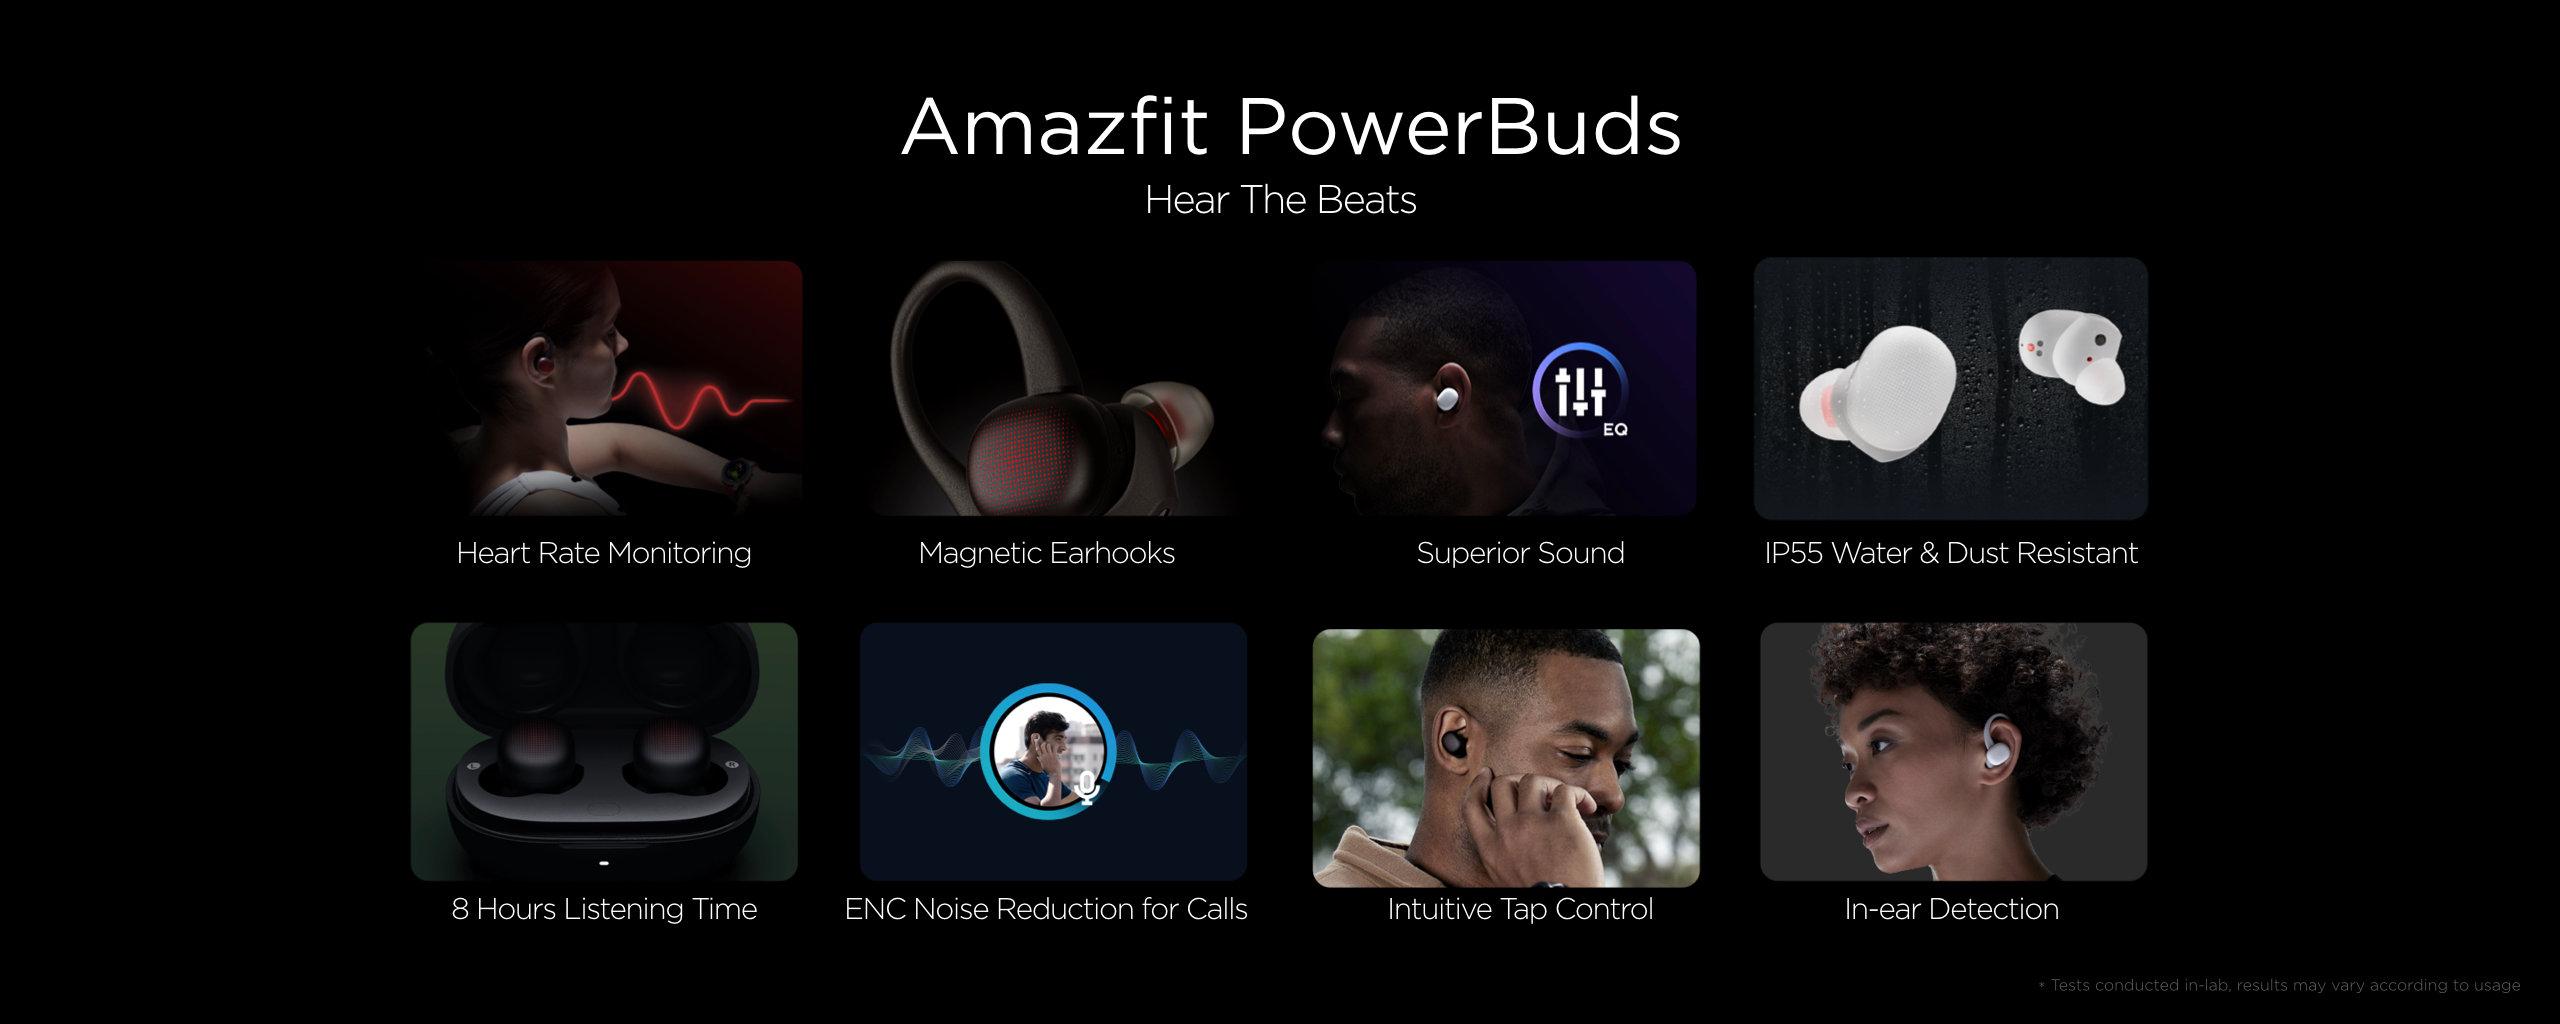 Nuevos Amazfit PowerBuds, características, especificaciones y precio. Noticias Xiaomi Adictos